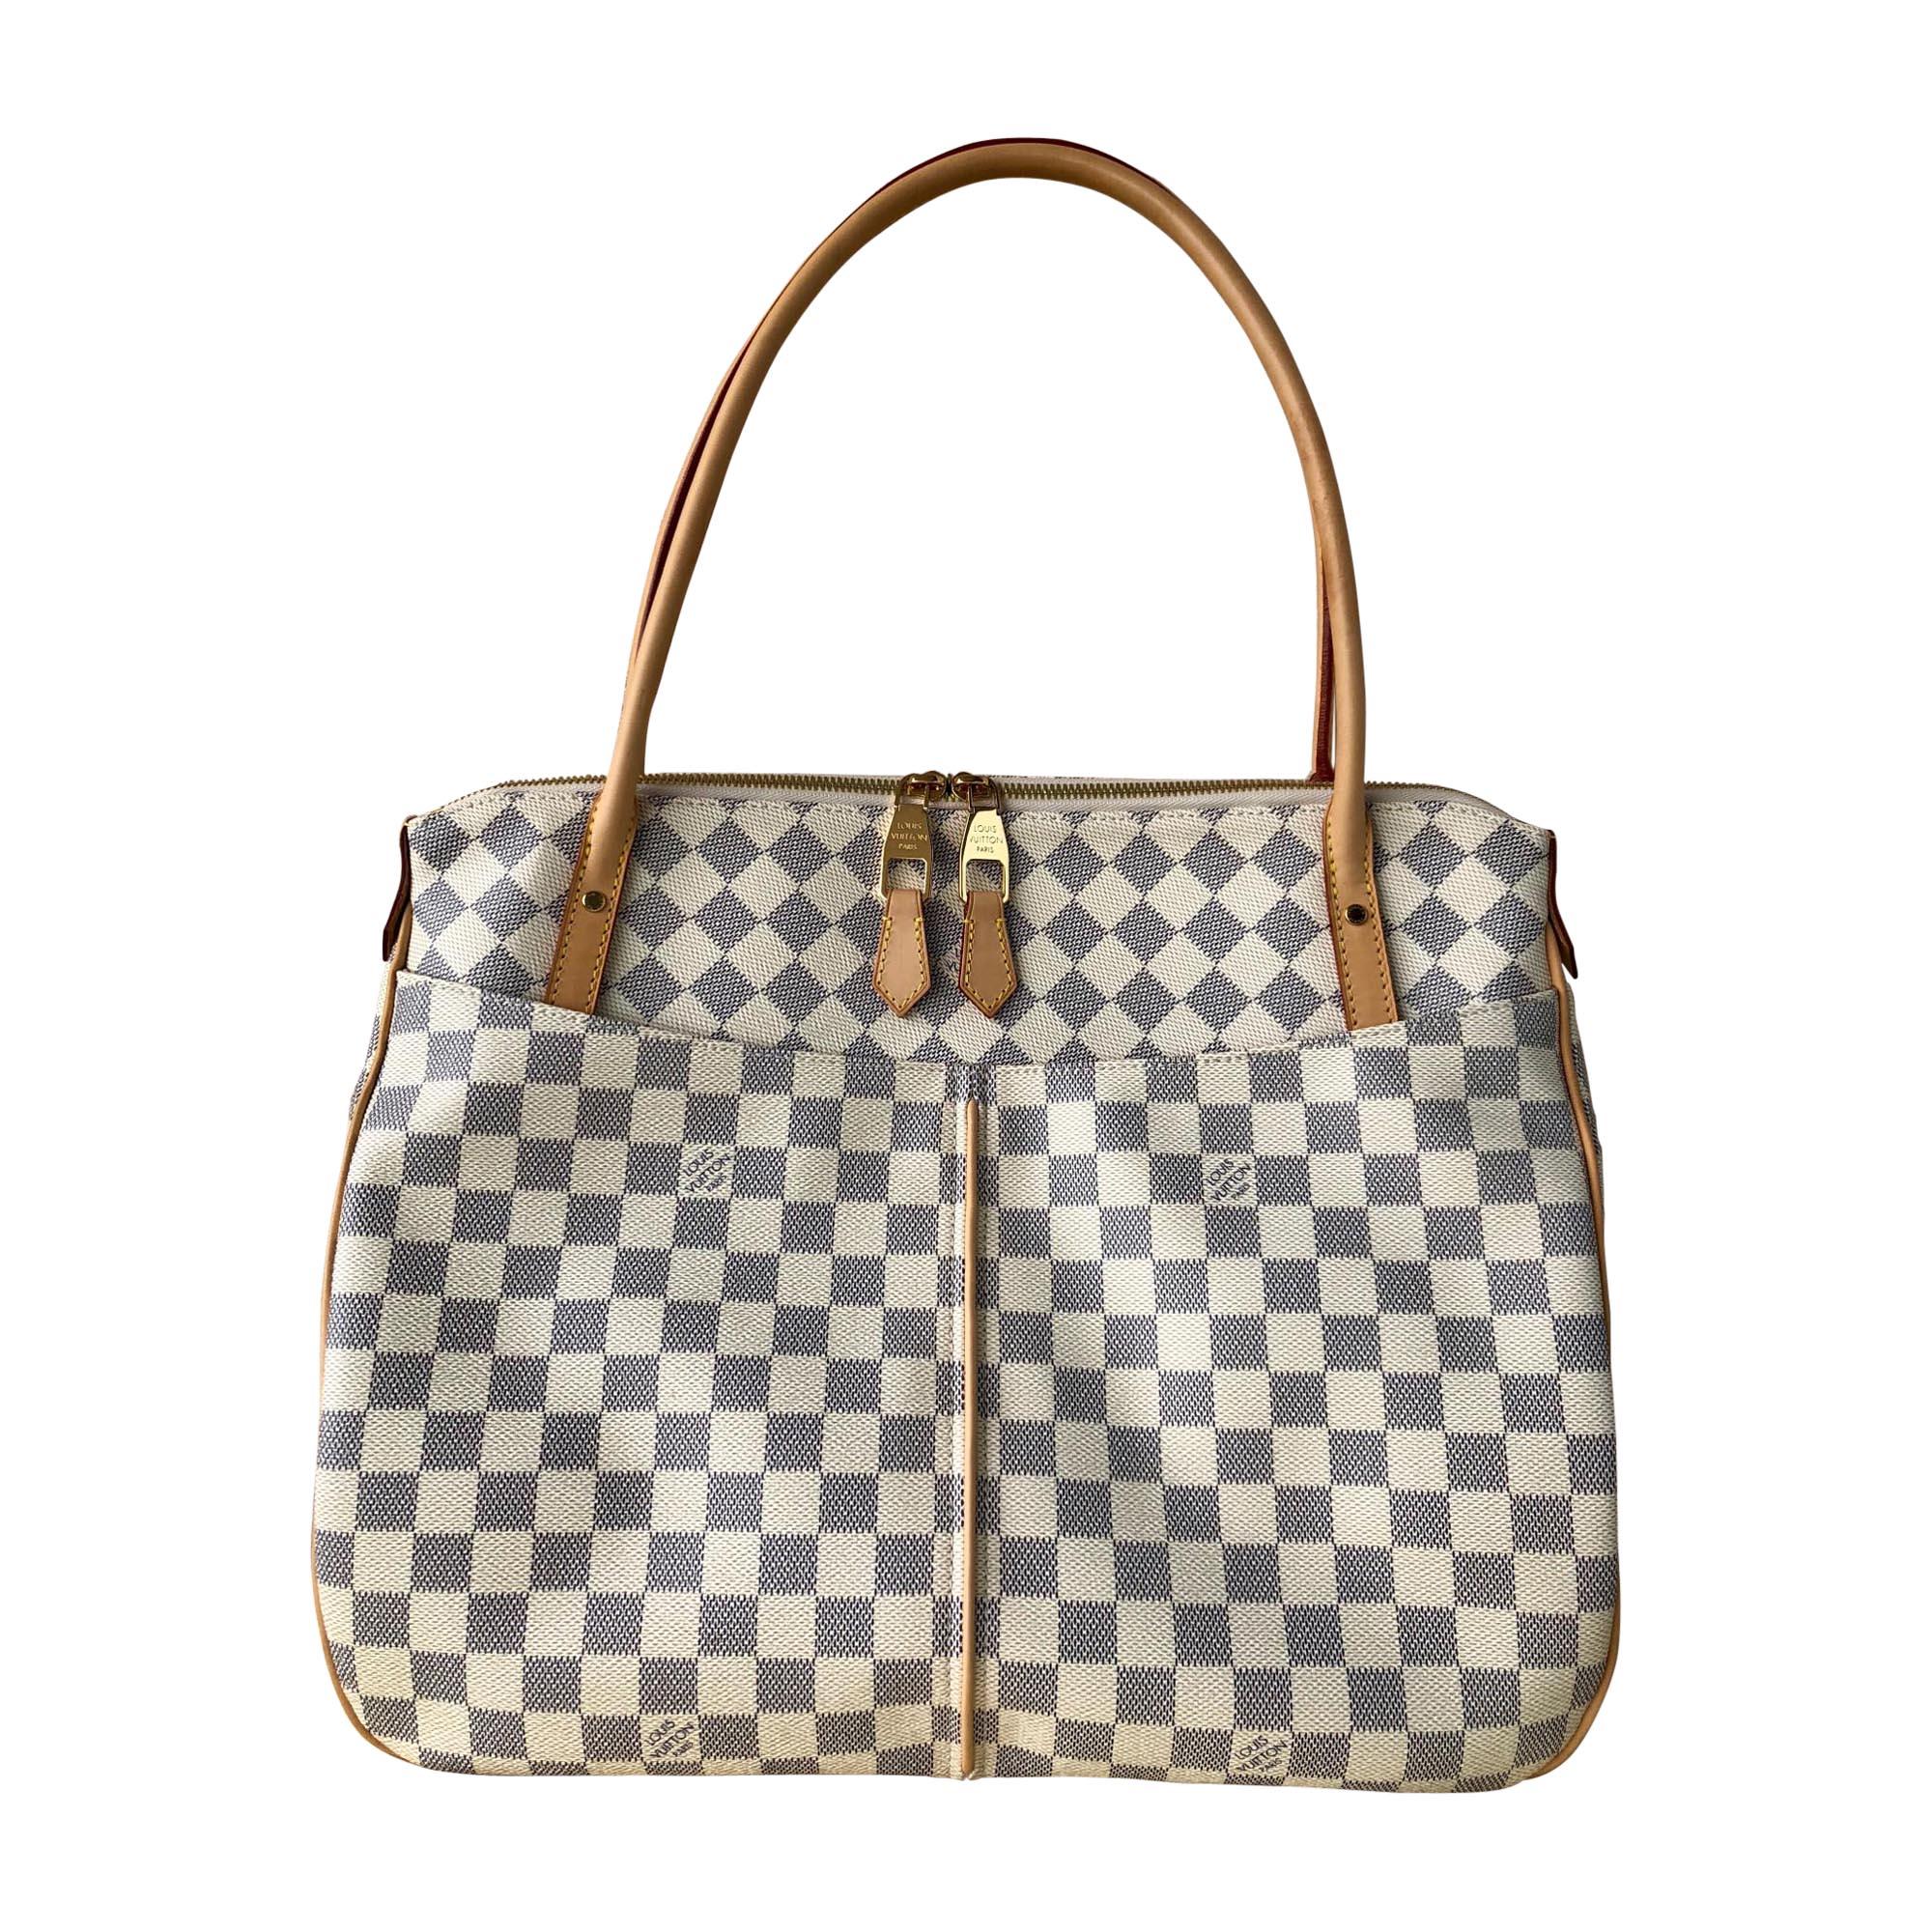 99275f0d11 Sac XL en cuir LOUIS VUITTON blanc vendu par Anais... - 7749019